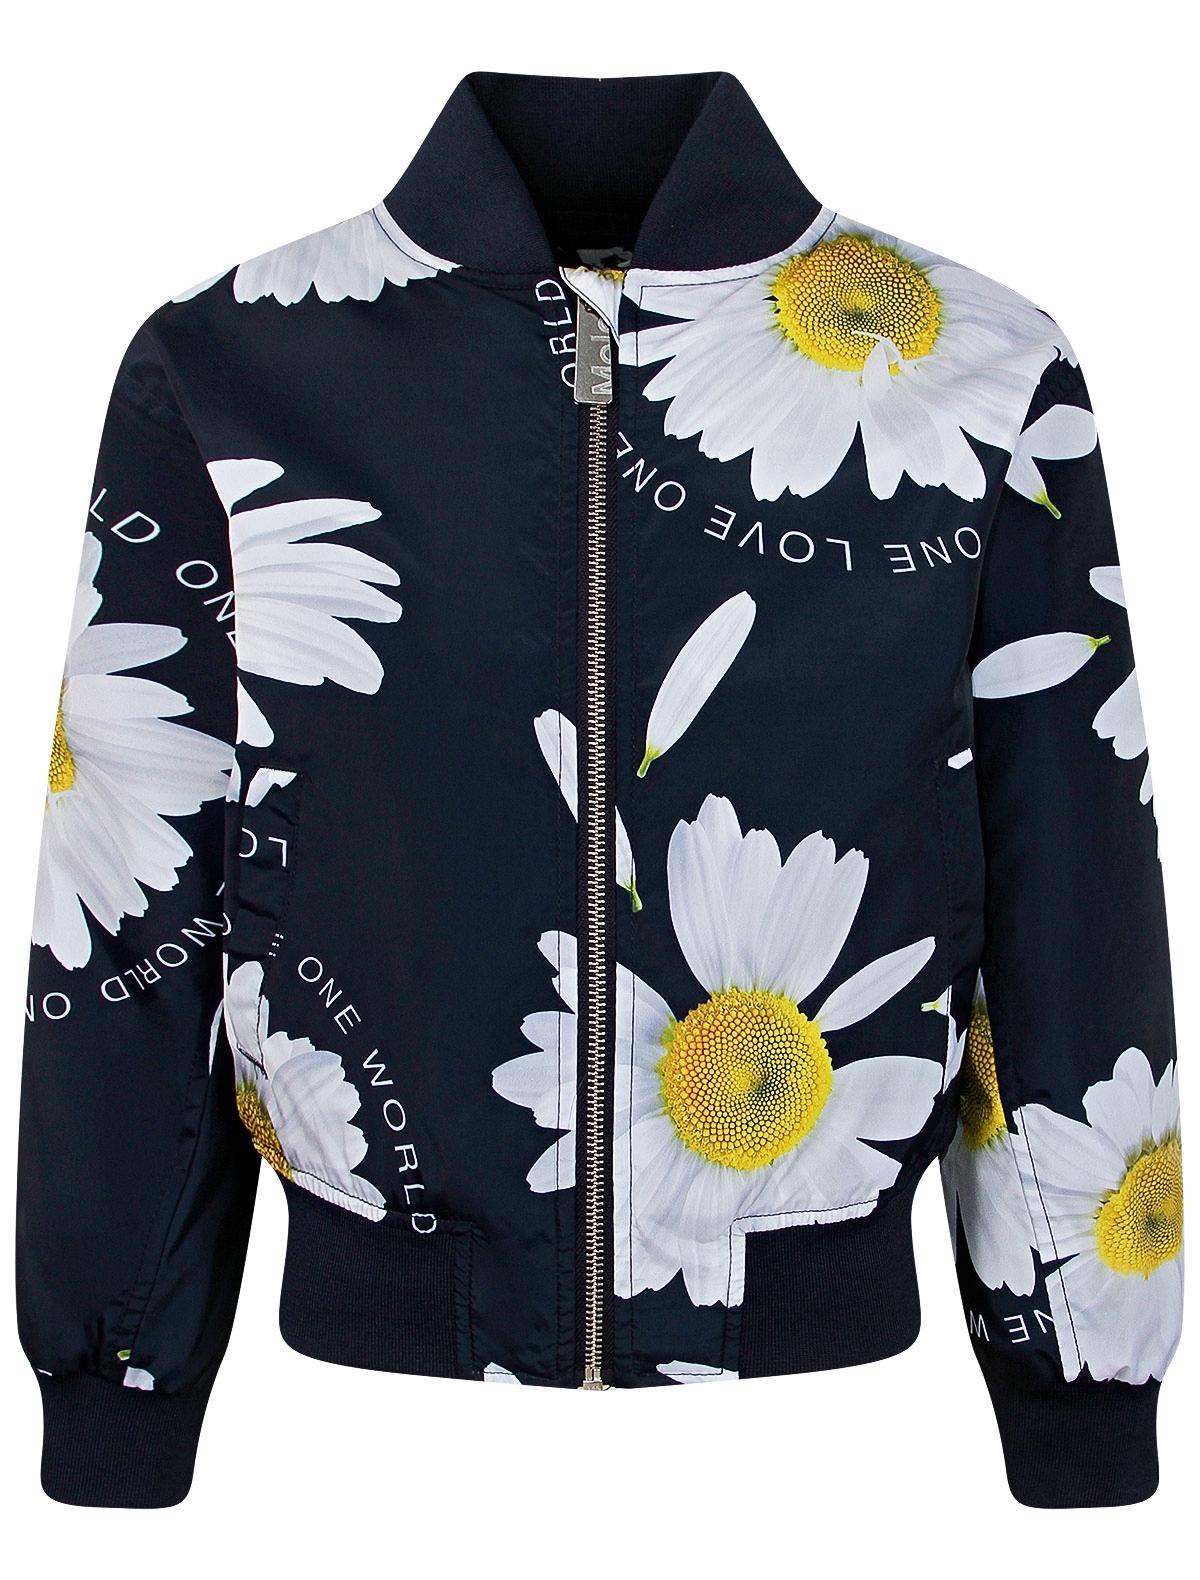 Купить 2291962, Куртка MOLO, синий, Женский, 1074509171300